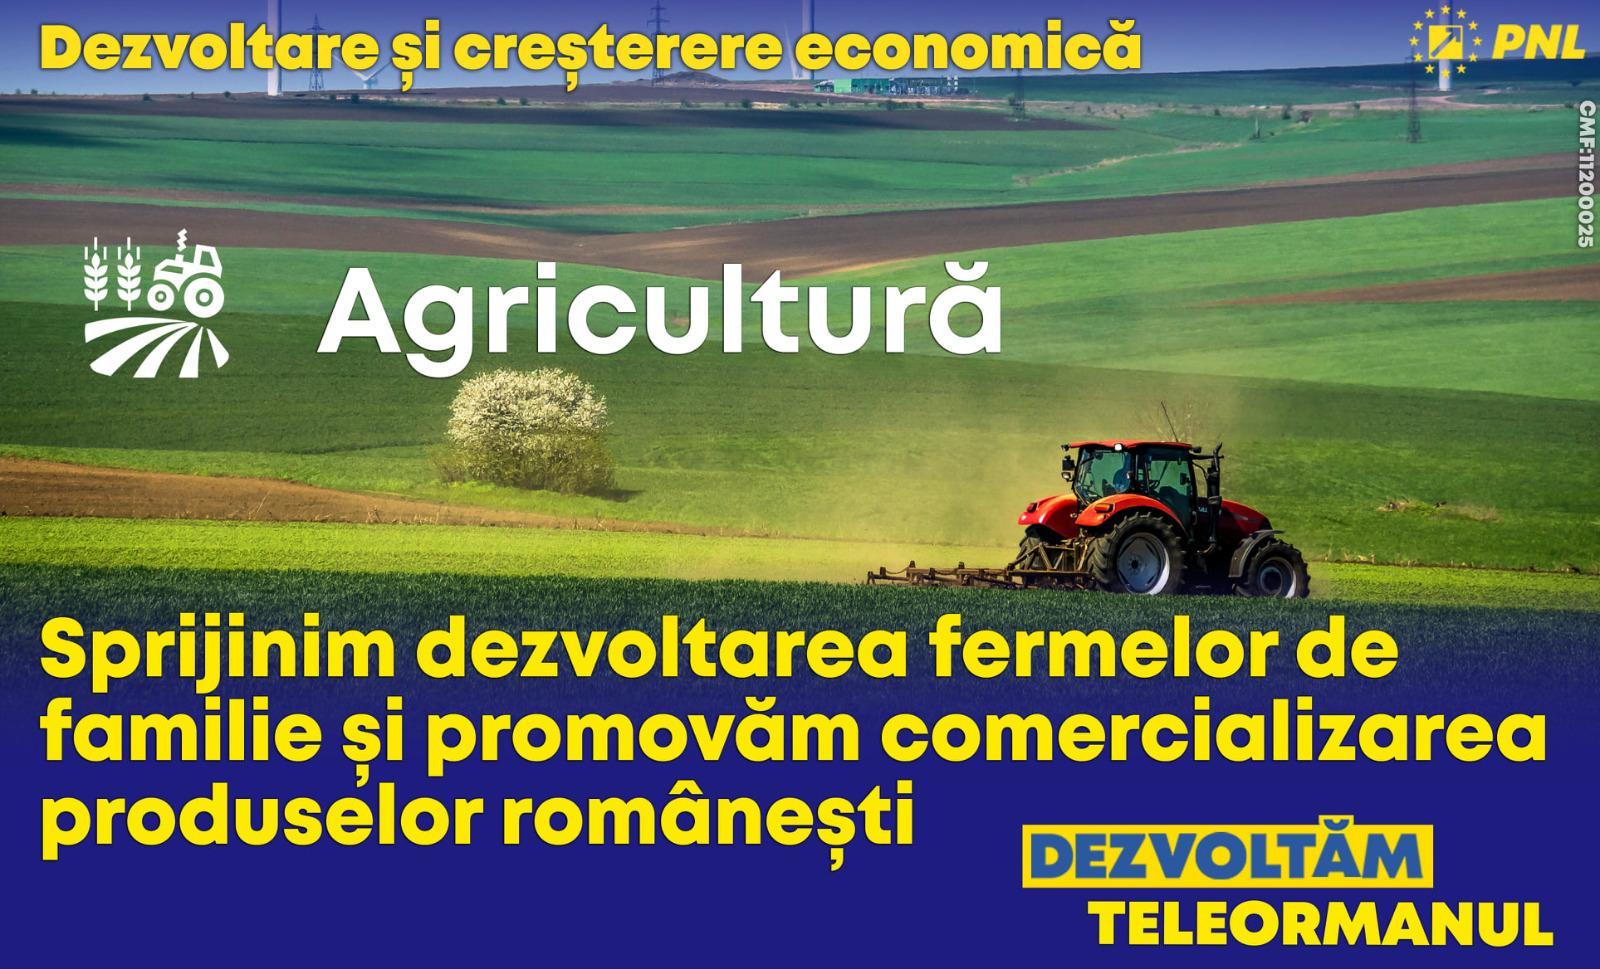 Senator Eugen Pîrvulescu: Susținem întru-totul producătorii r